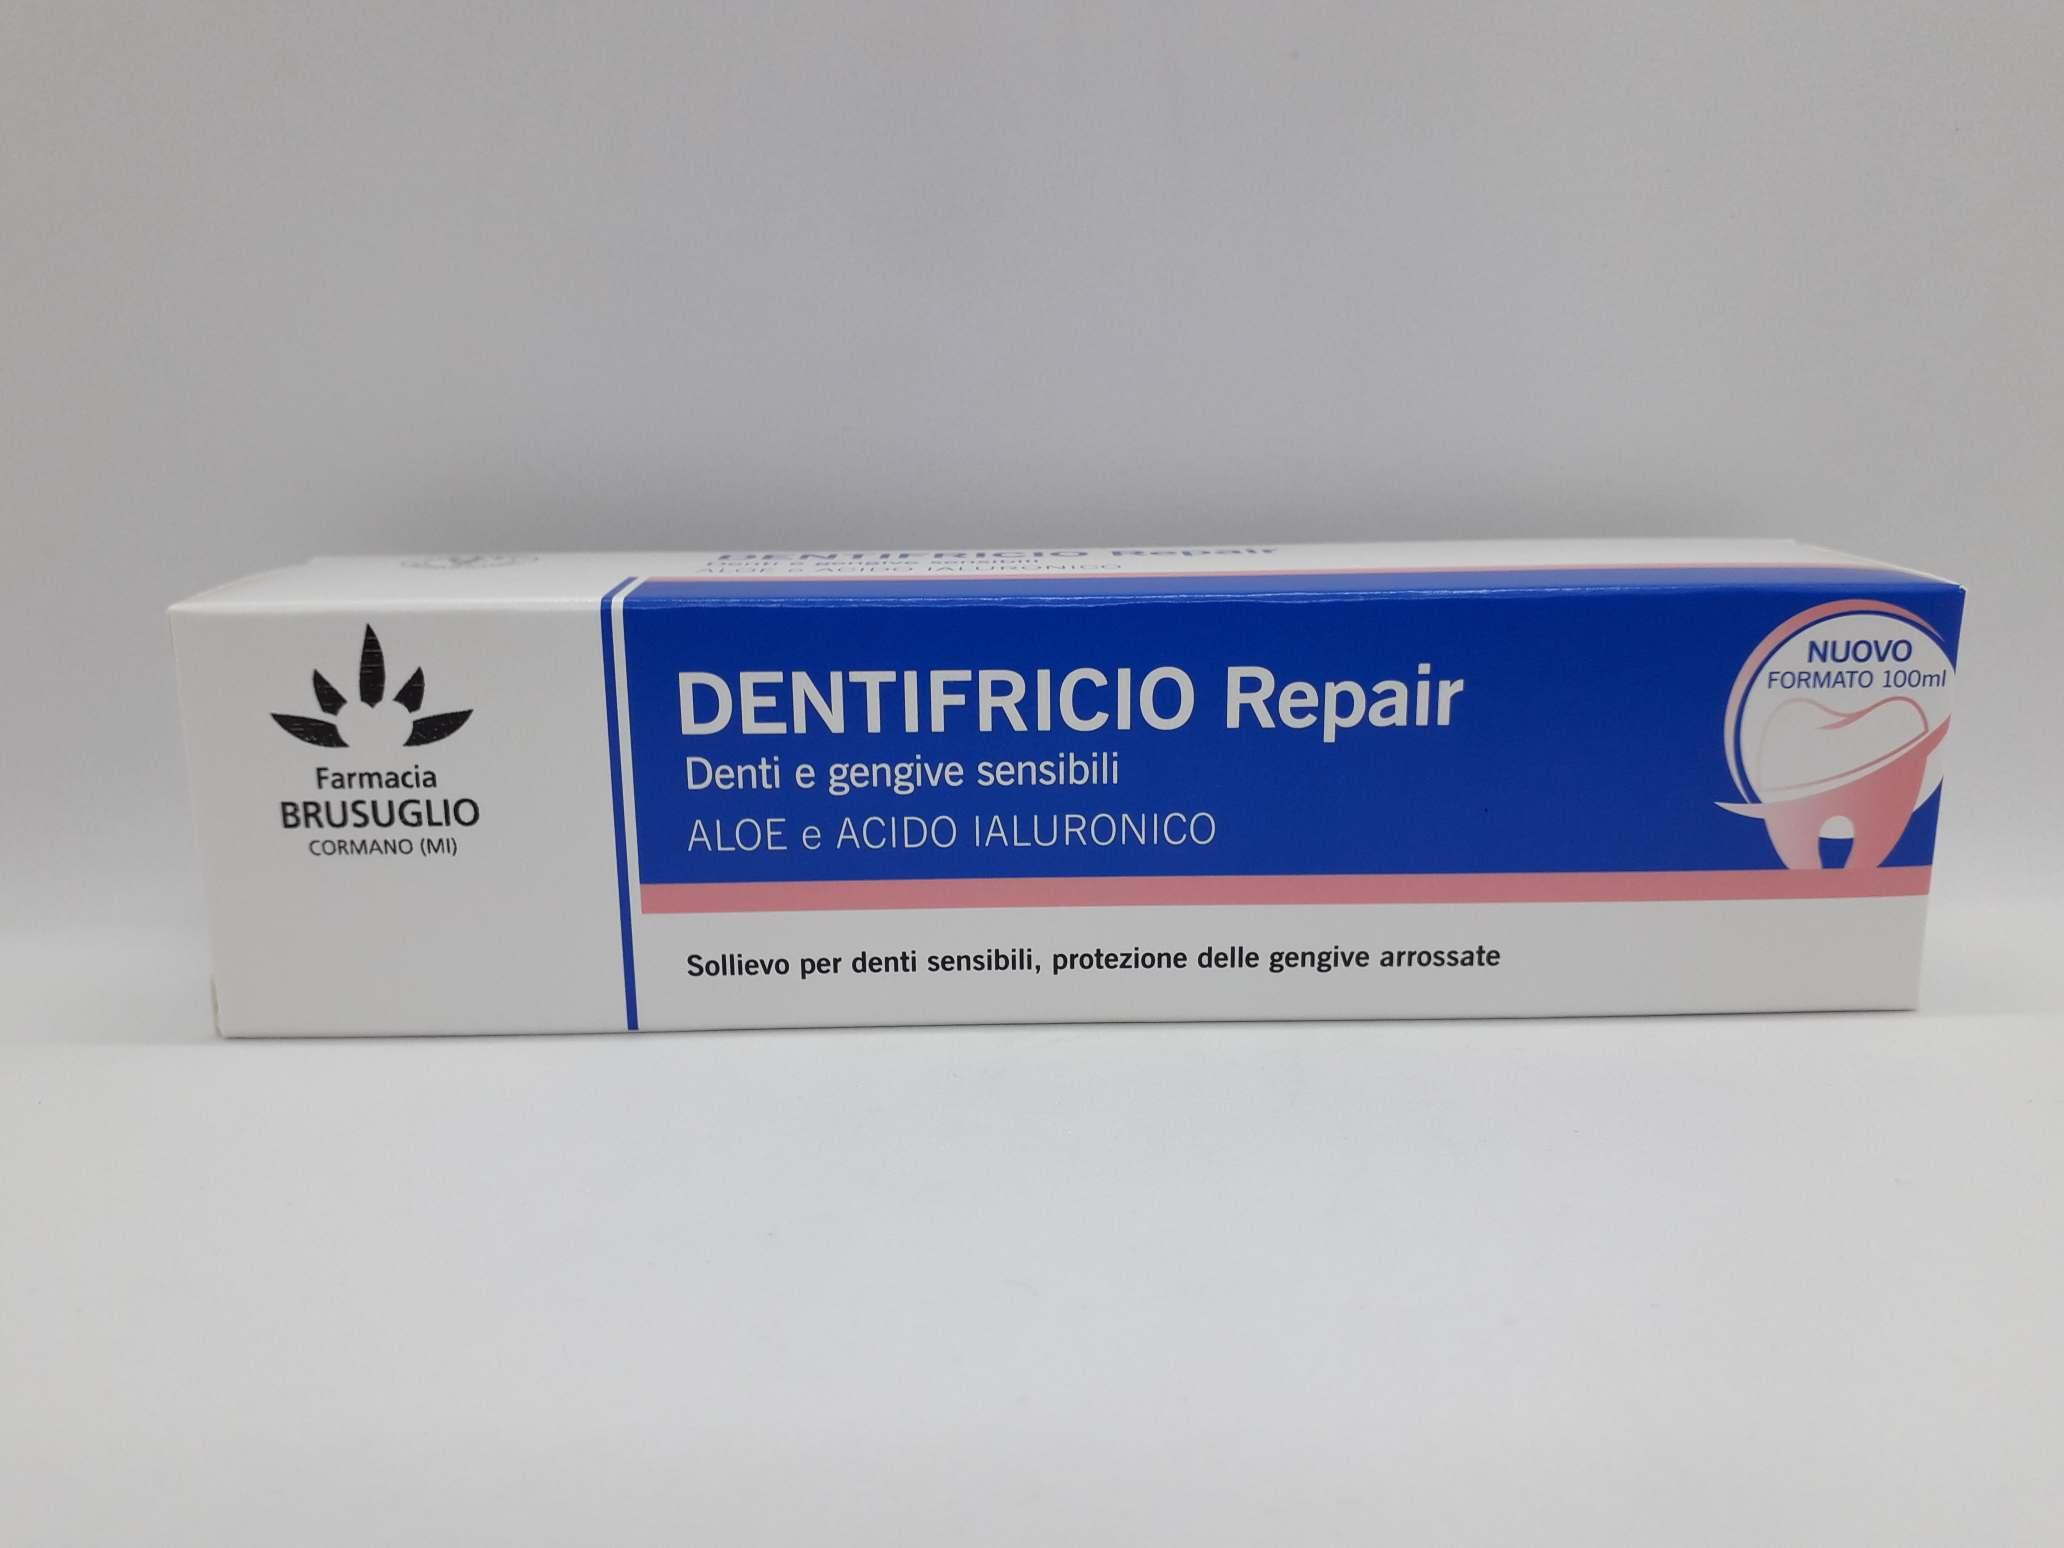 LFP DENTIFRICIOREPAIR 100 ML - Farmaciaempatica.it